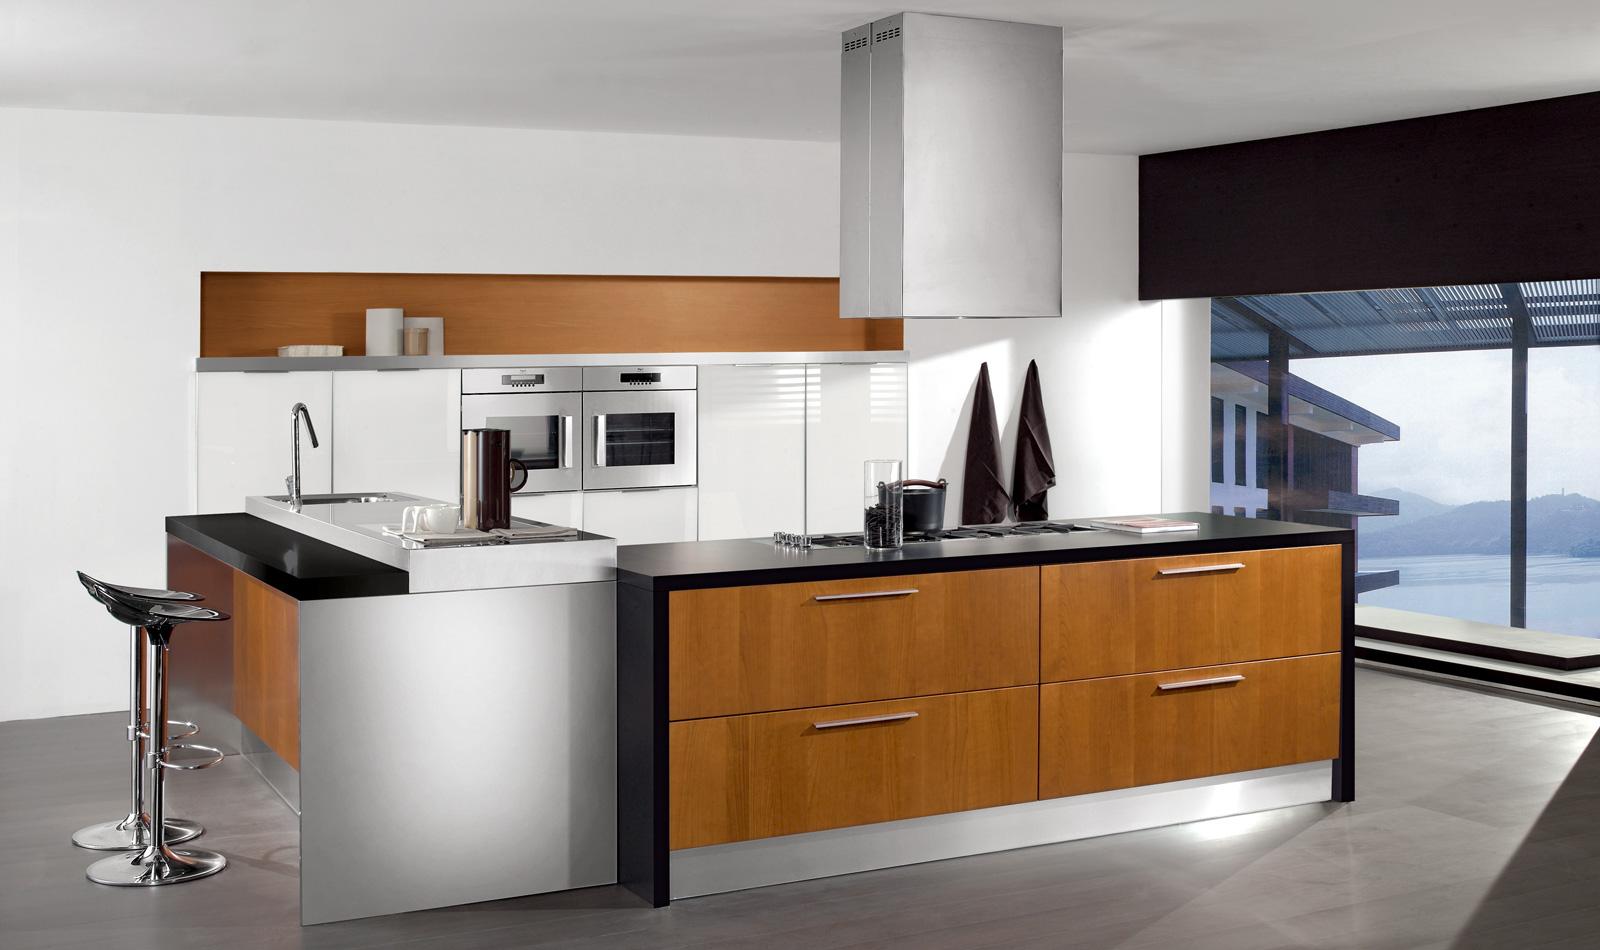 Cucina classica in ciliegio open space cucina soggiorno classico best soggiorno mod tania for Cucine moderne color ciliegio